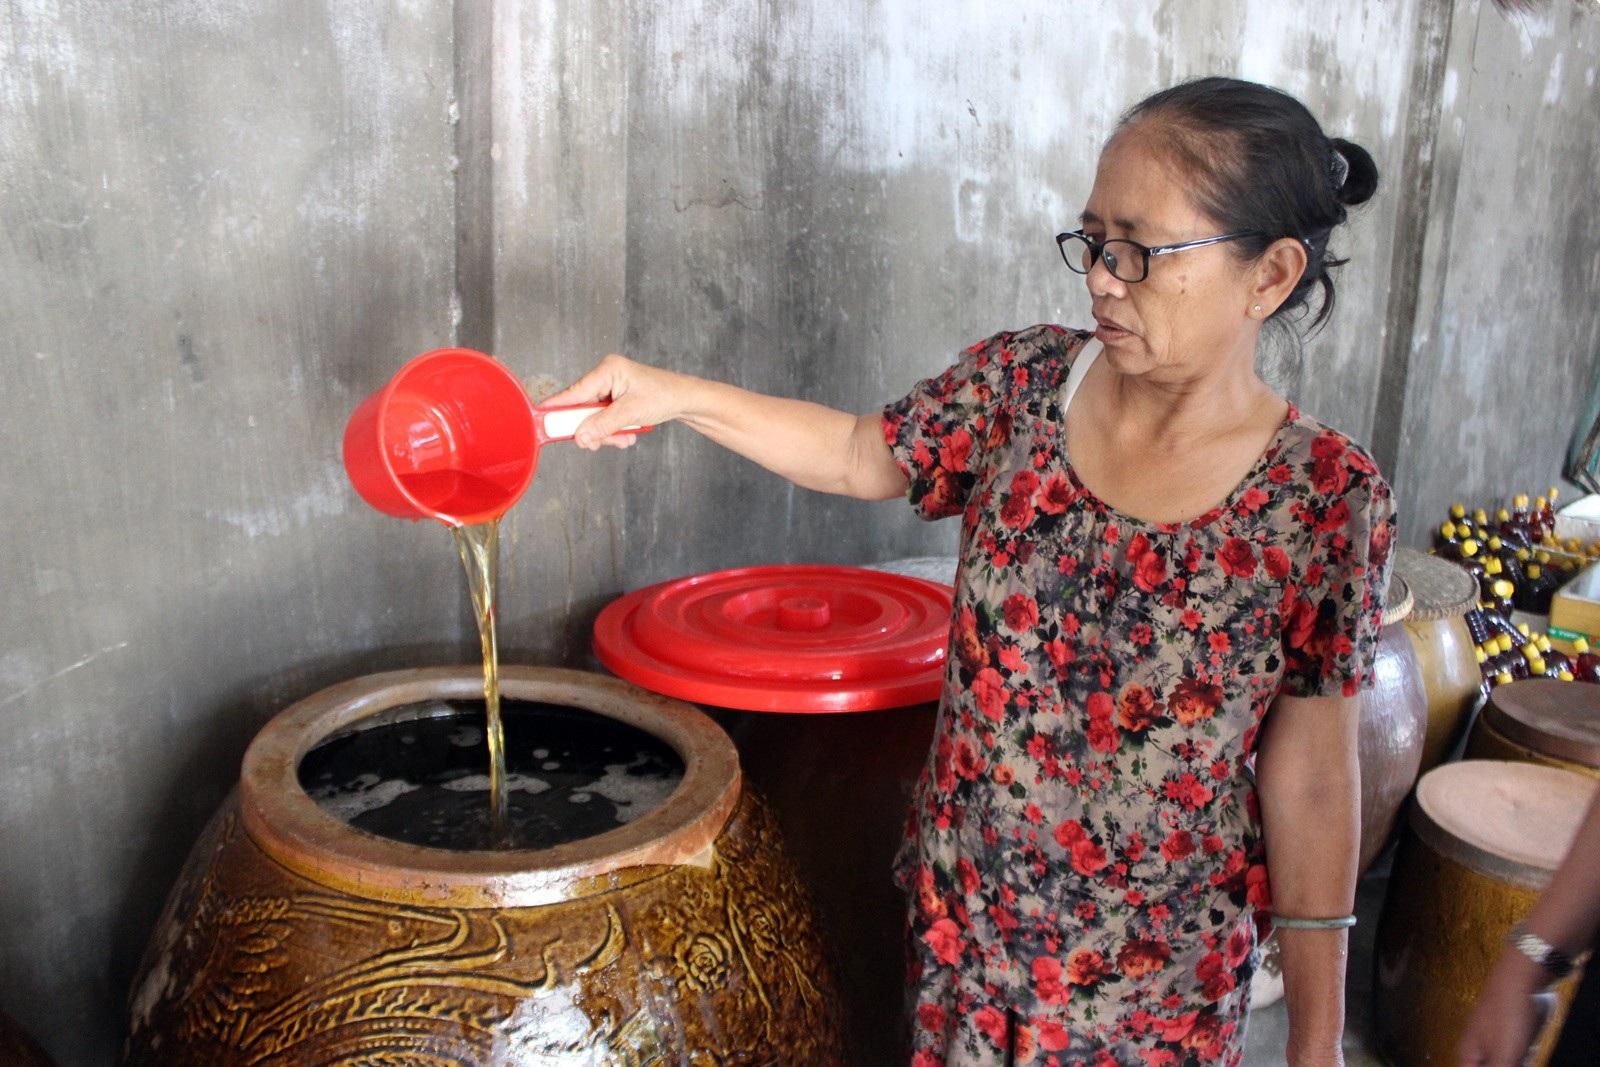 Giáp Tết: Làng nghề nước mắm Phú Yên nhộn nhịp vào vụ - Ảnh 2.